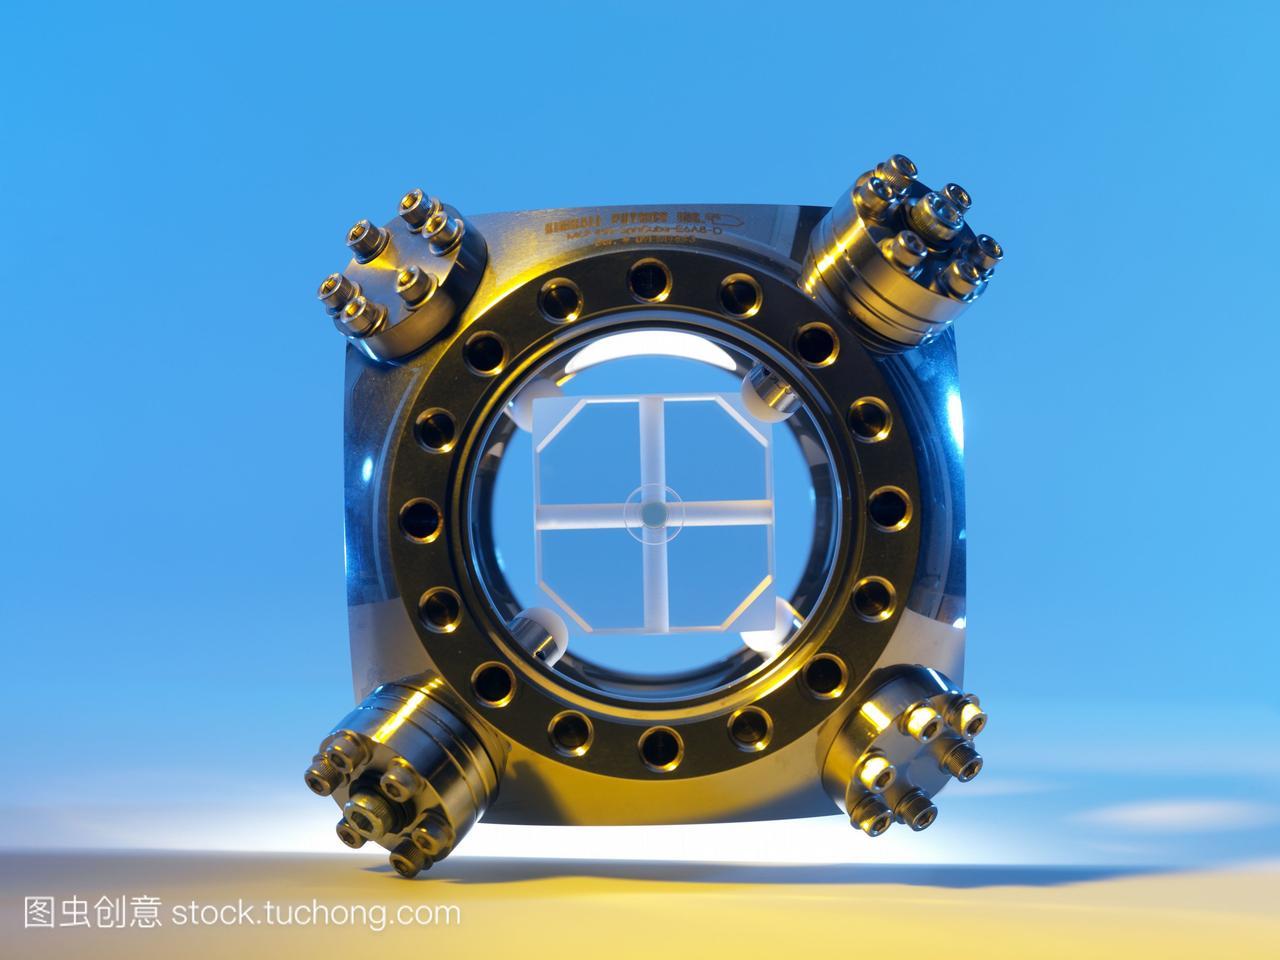 钟。刚性一个光学安装的初中腔,v刚性对惯性力杜泽衢江这是图片